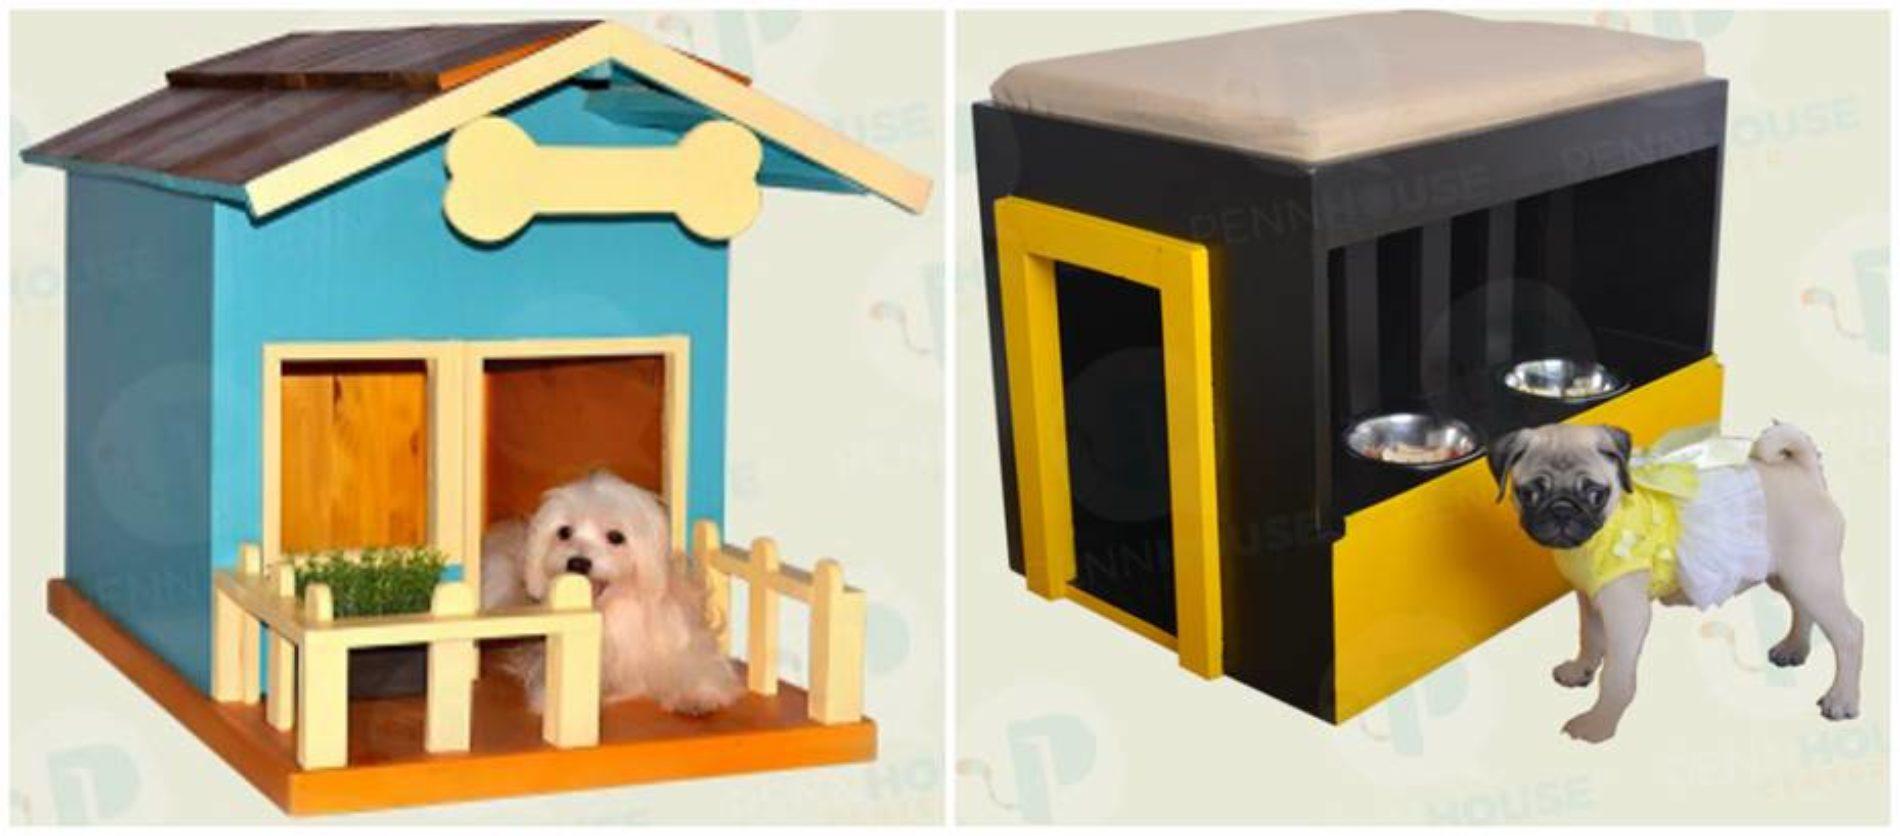 Diseños minimalistas se imponen en la decoración de ambientes para perros y gatos